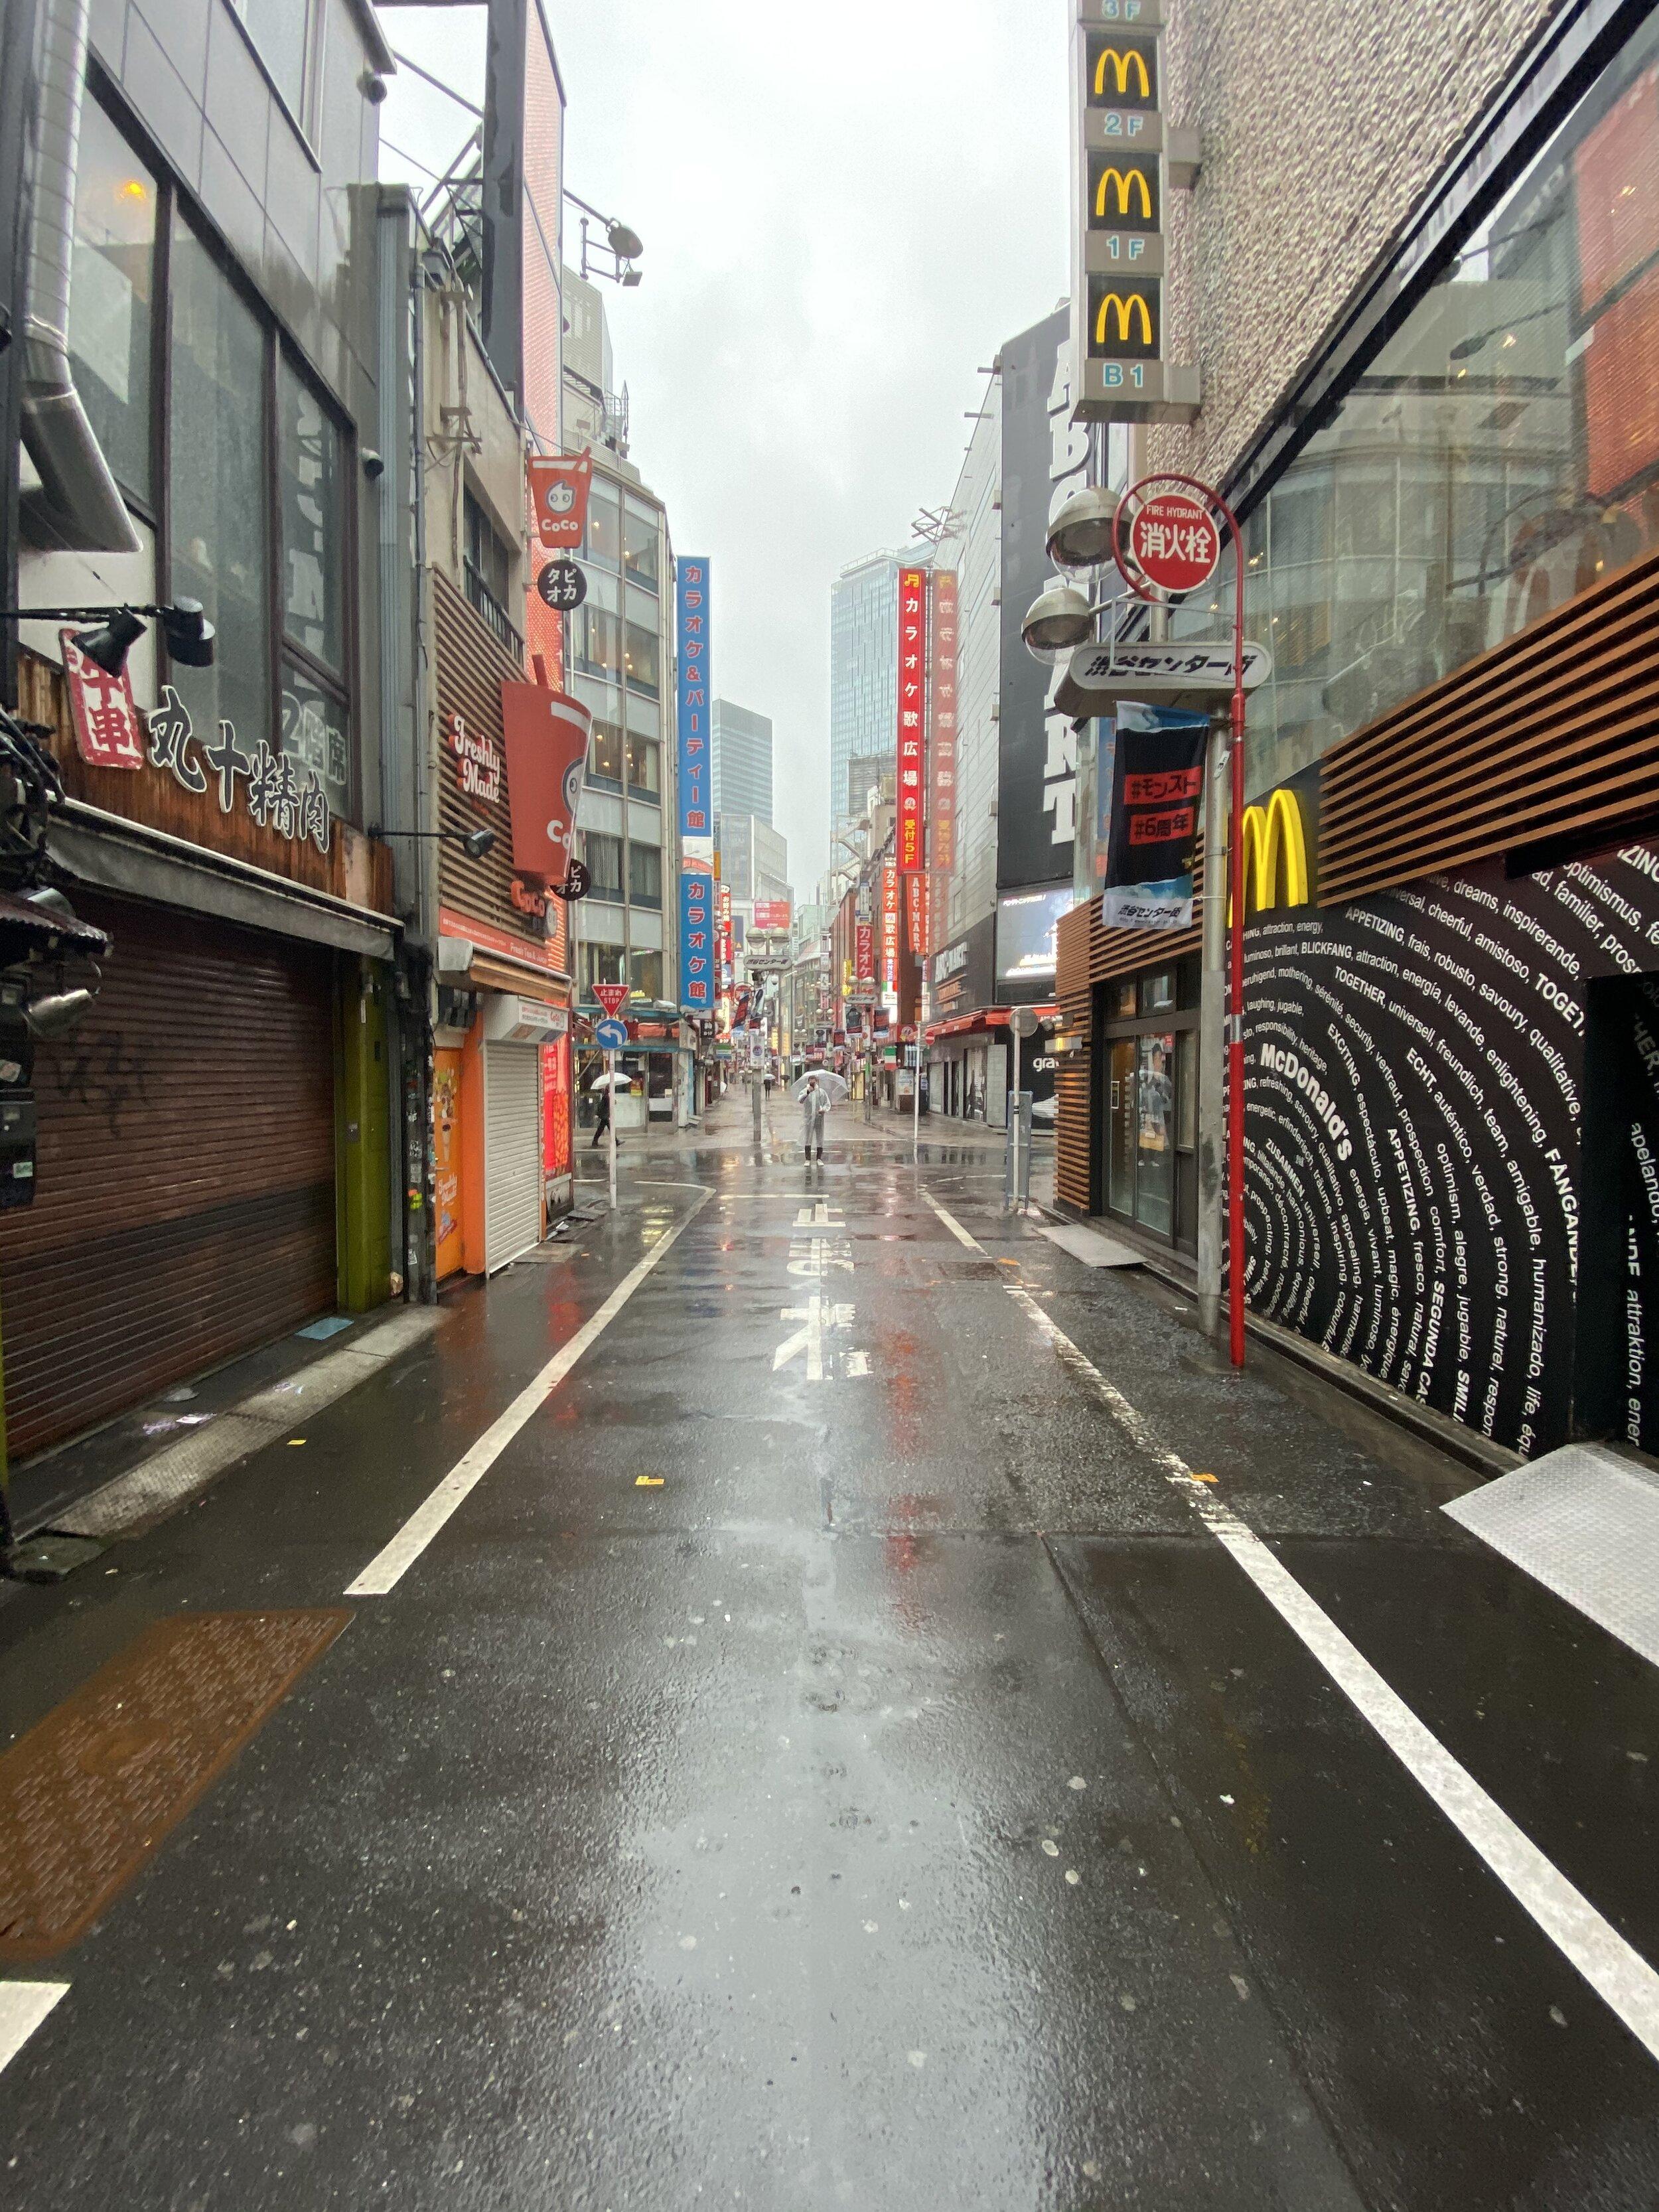 Basketball Street in Shibuya Tokyo